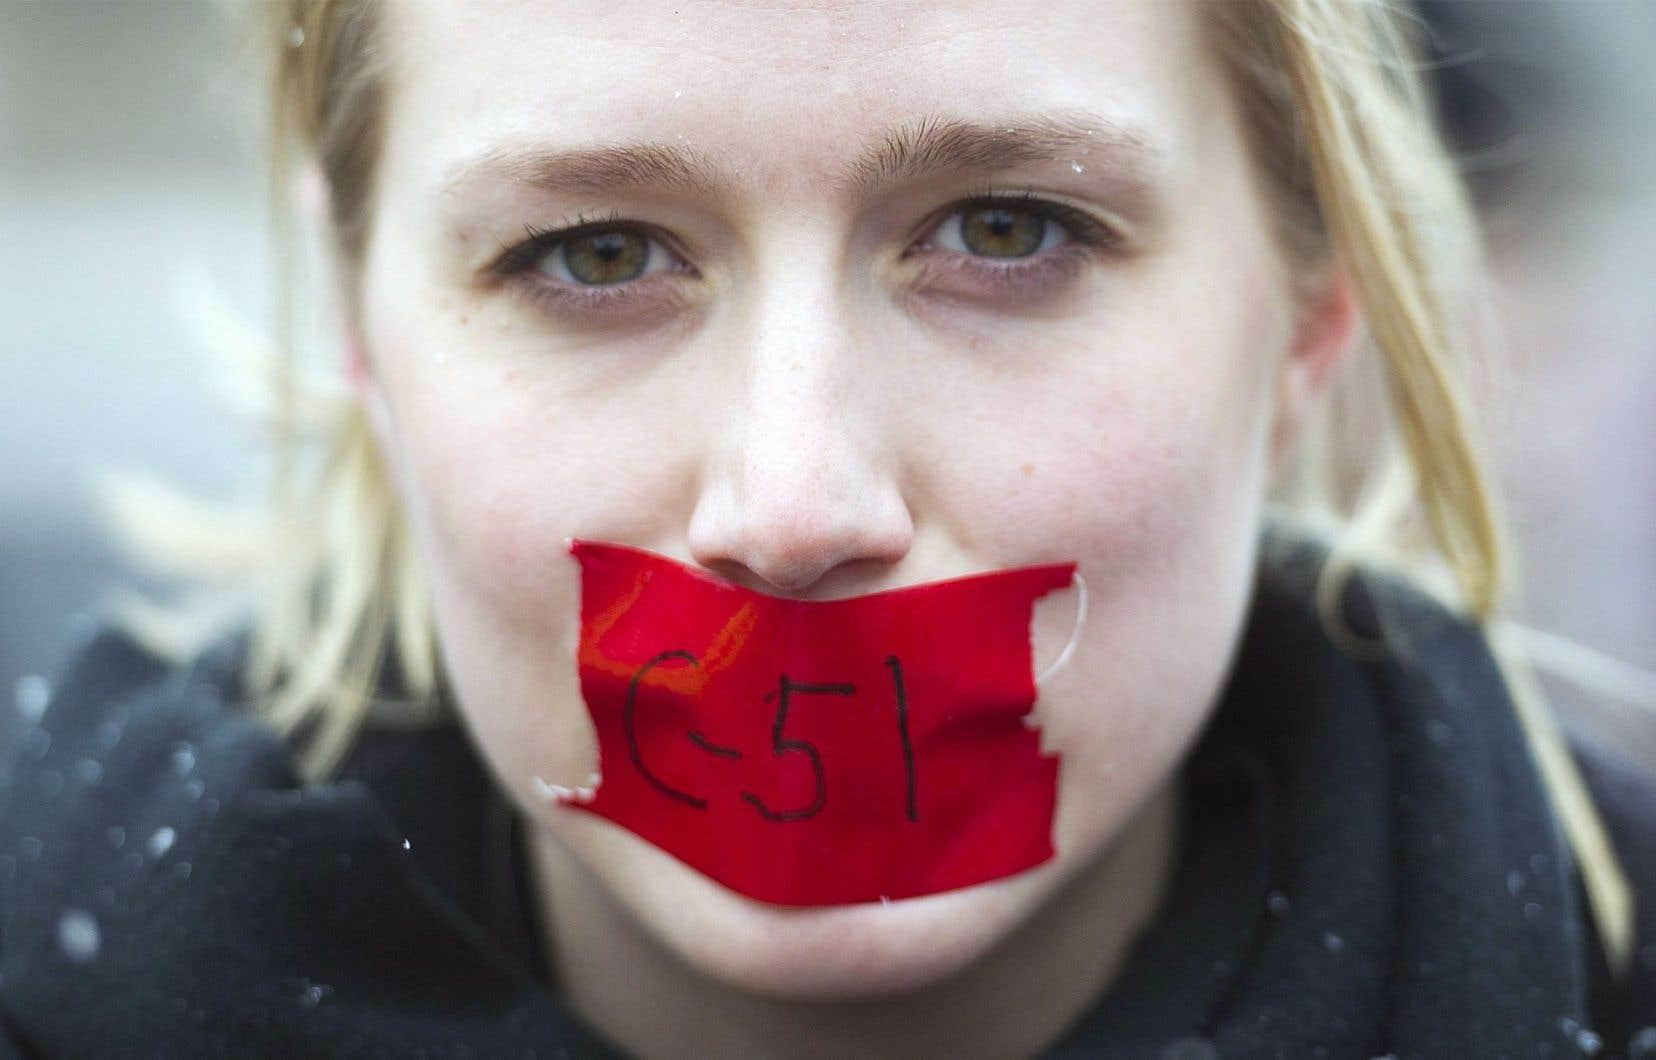 Le regroupement d'avocats craint une chasse au discours politique.